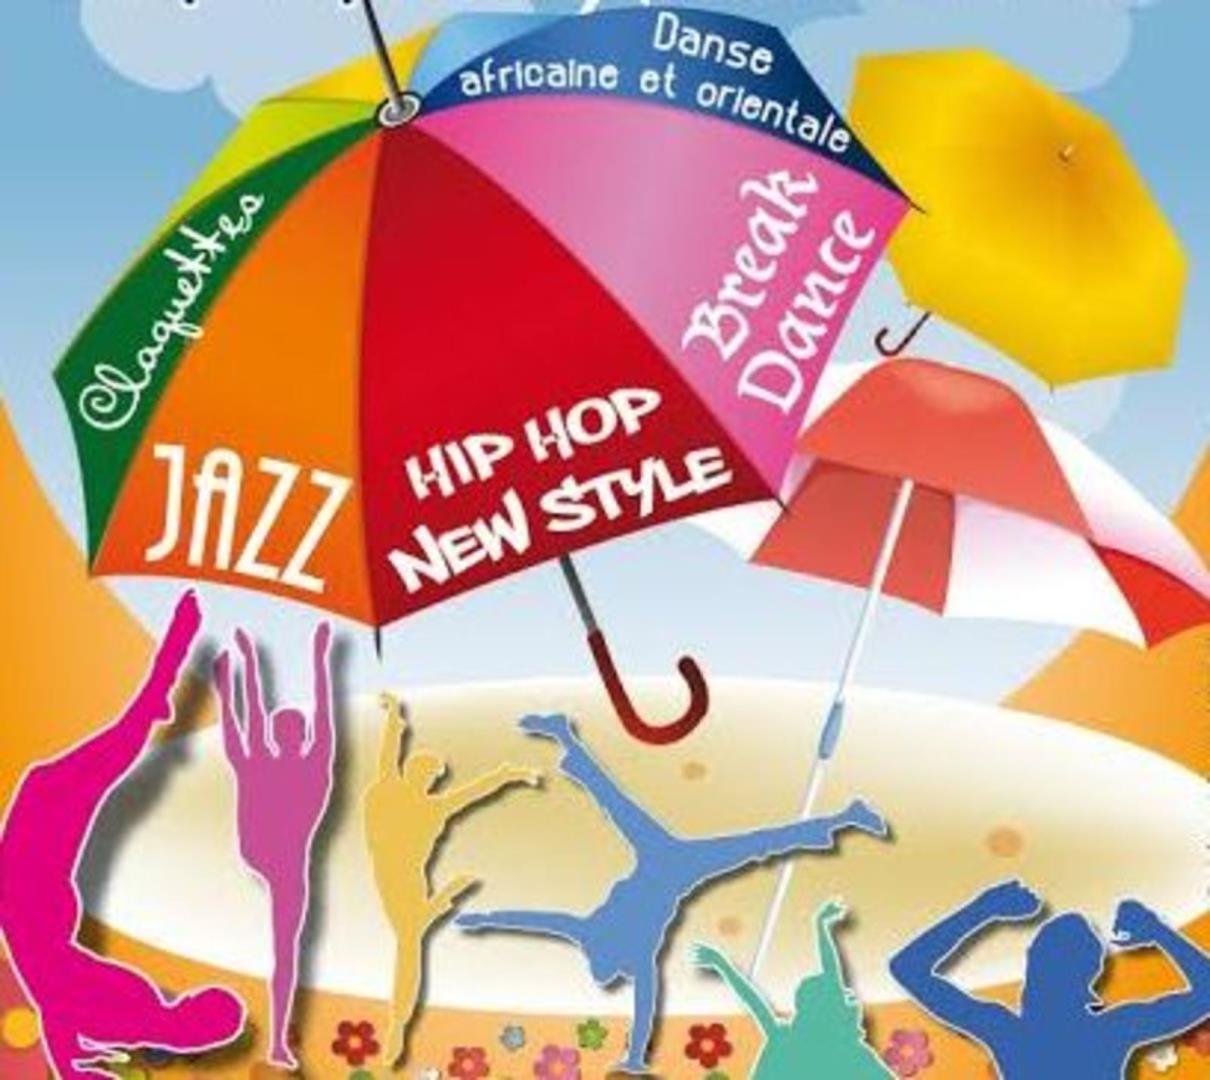 Modern'jazz- Hip-hop new style-Claquettes-Orientale ou danse africaine - STUDIO DANSE CALAIS